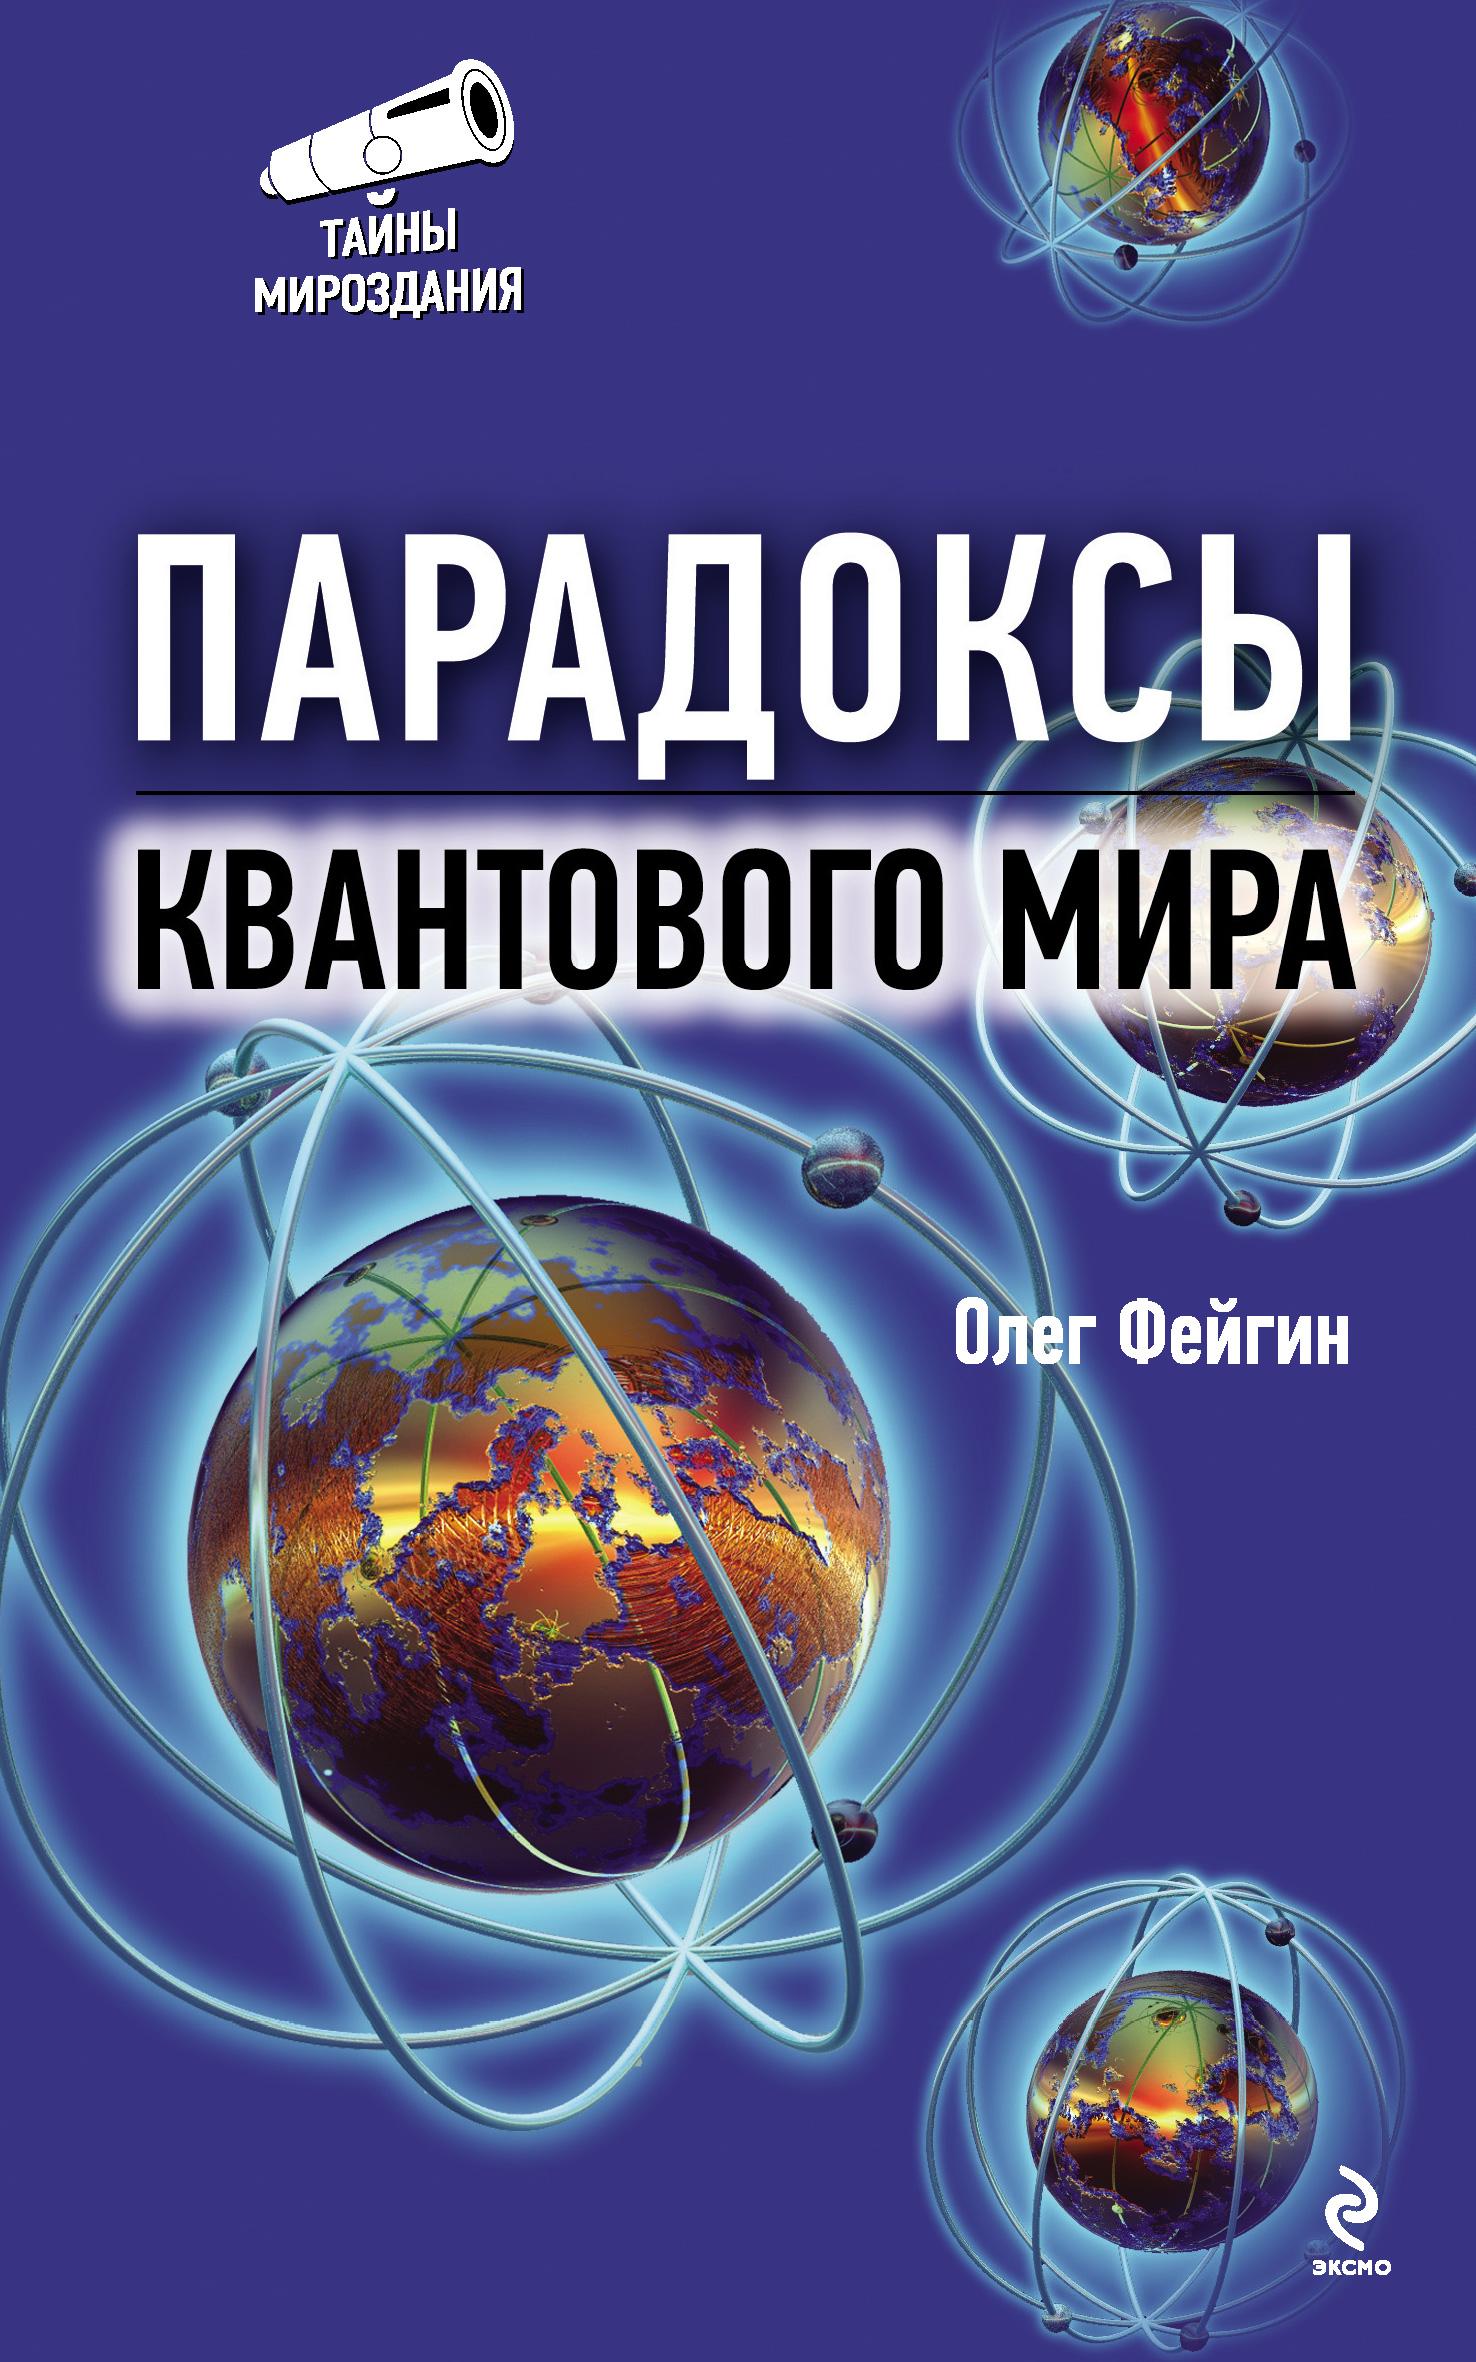 Олег Фейгин «Парадоксы квантового мира»